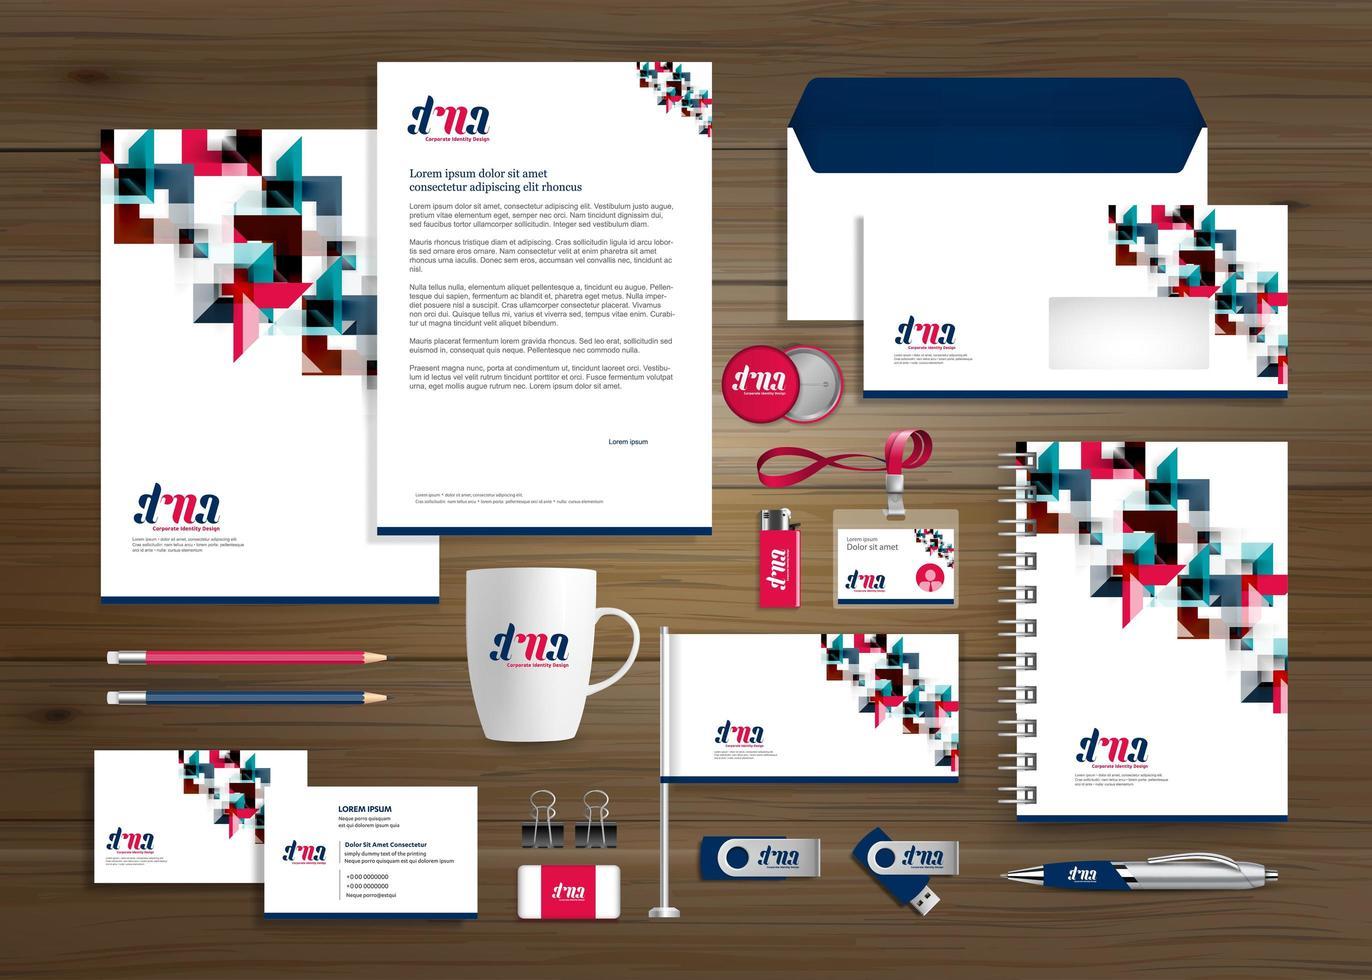 insieme di identità e promozione di affari di progettazione di angolo blu vettore